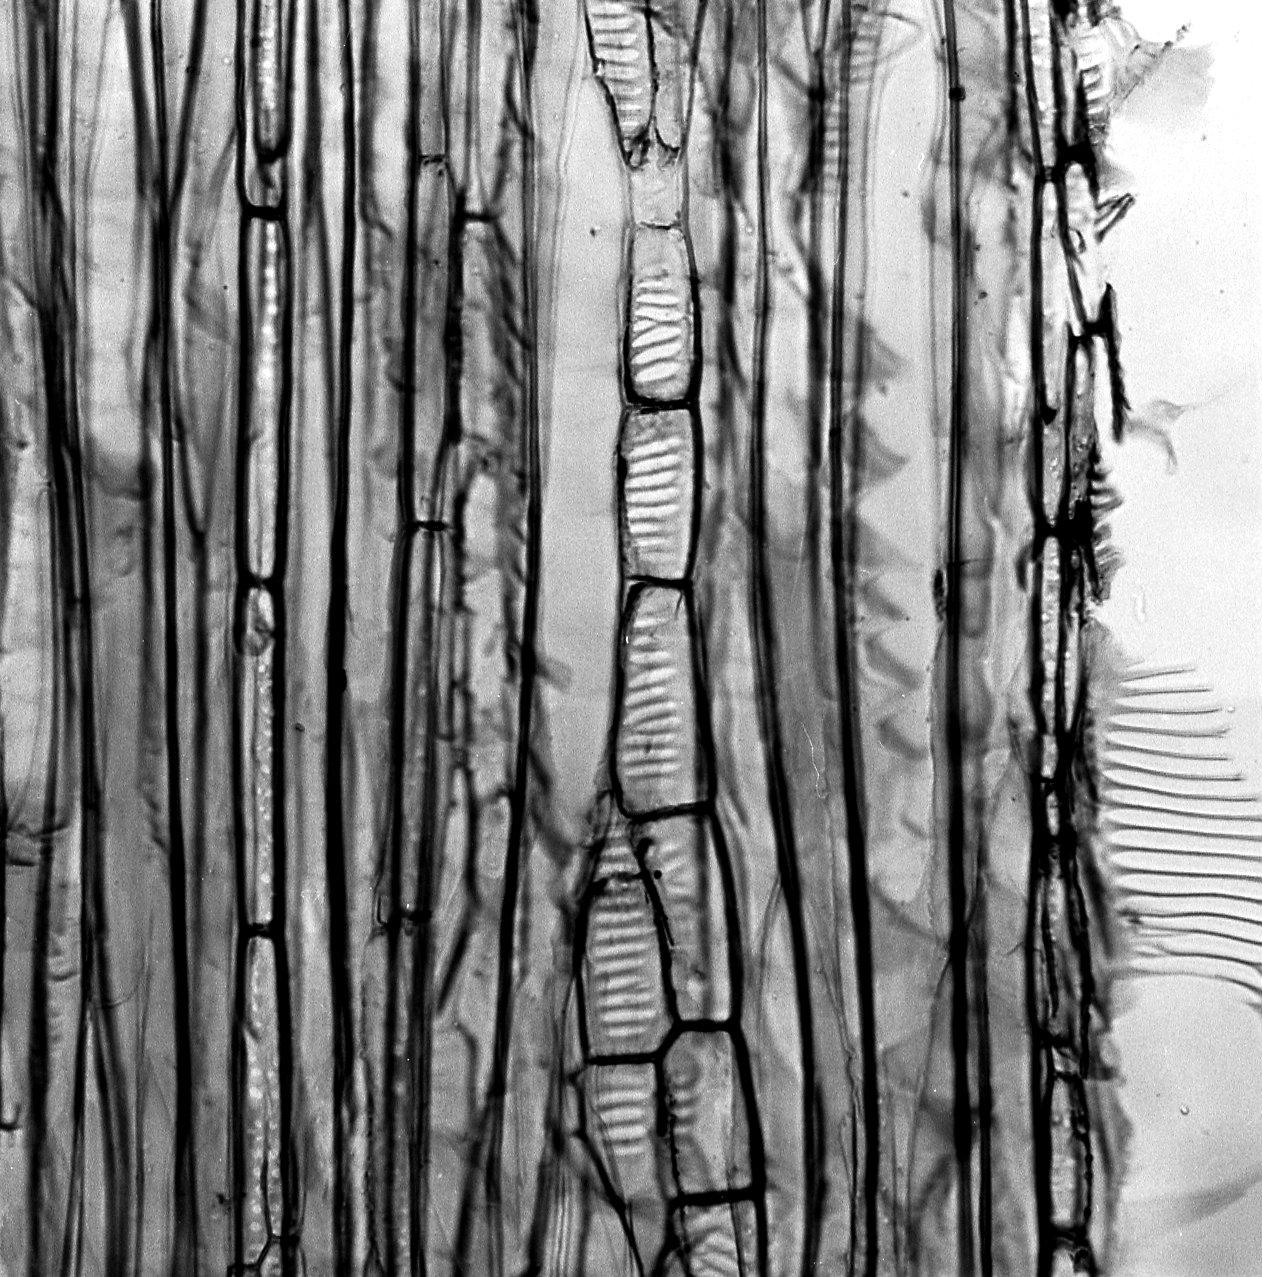 DEGENERIACEAE Degeneria vitiensis